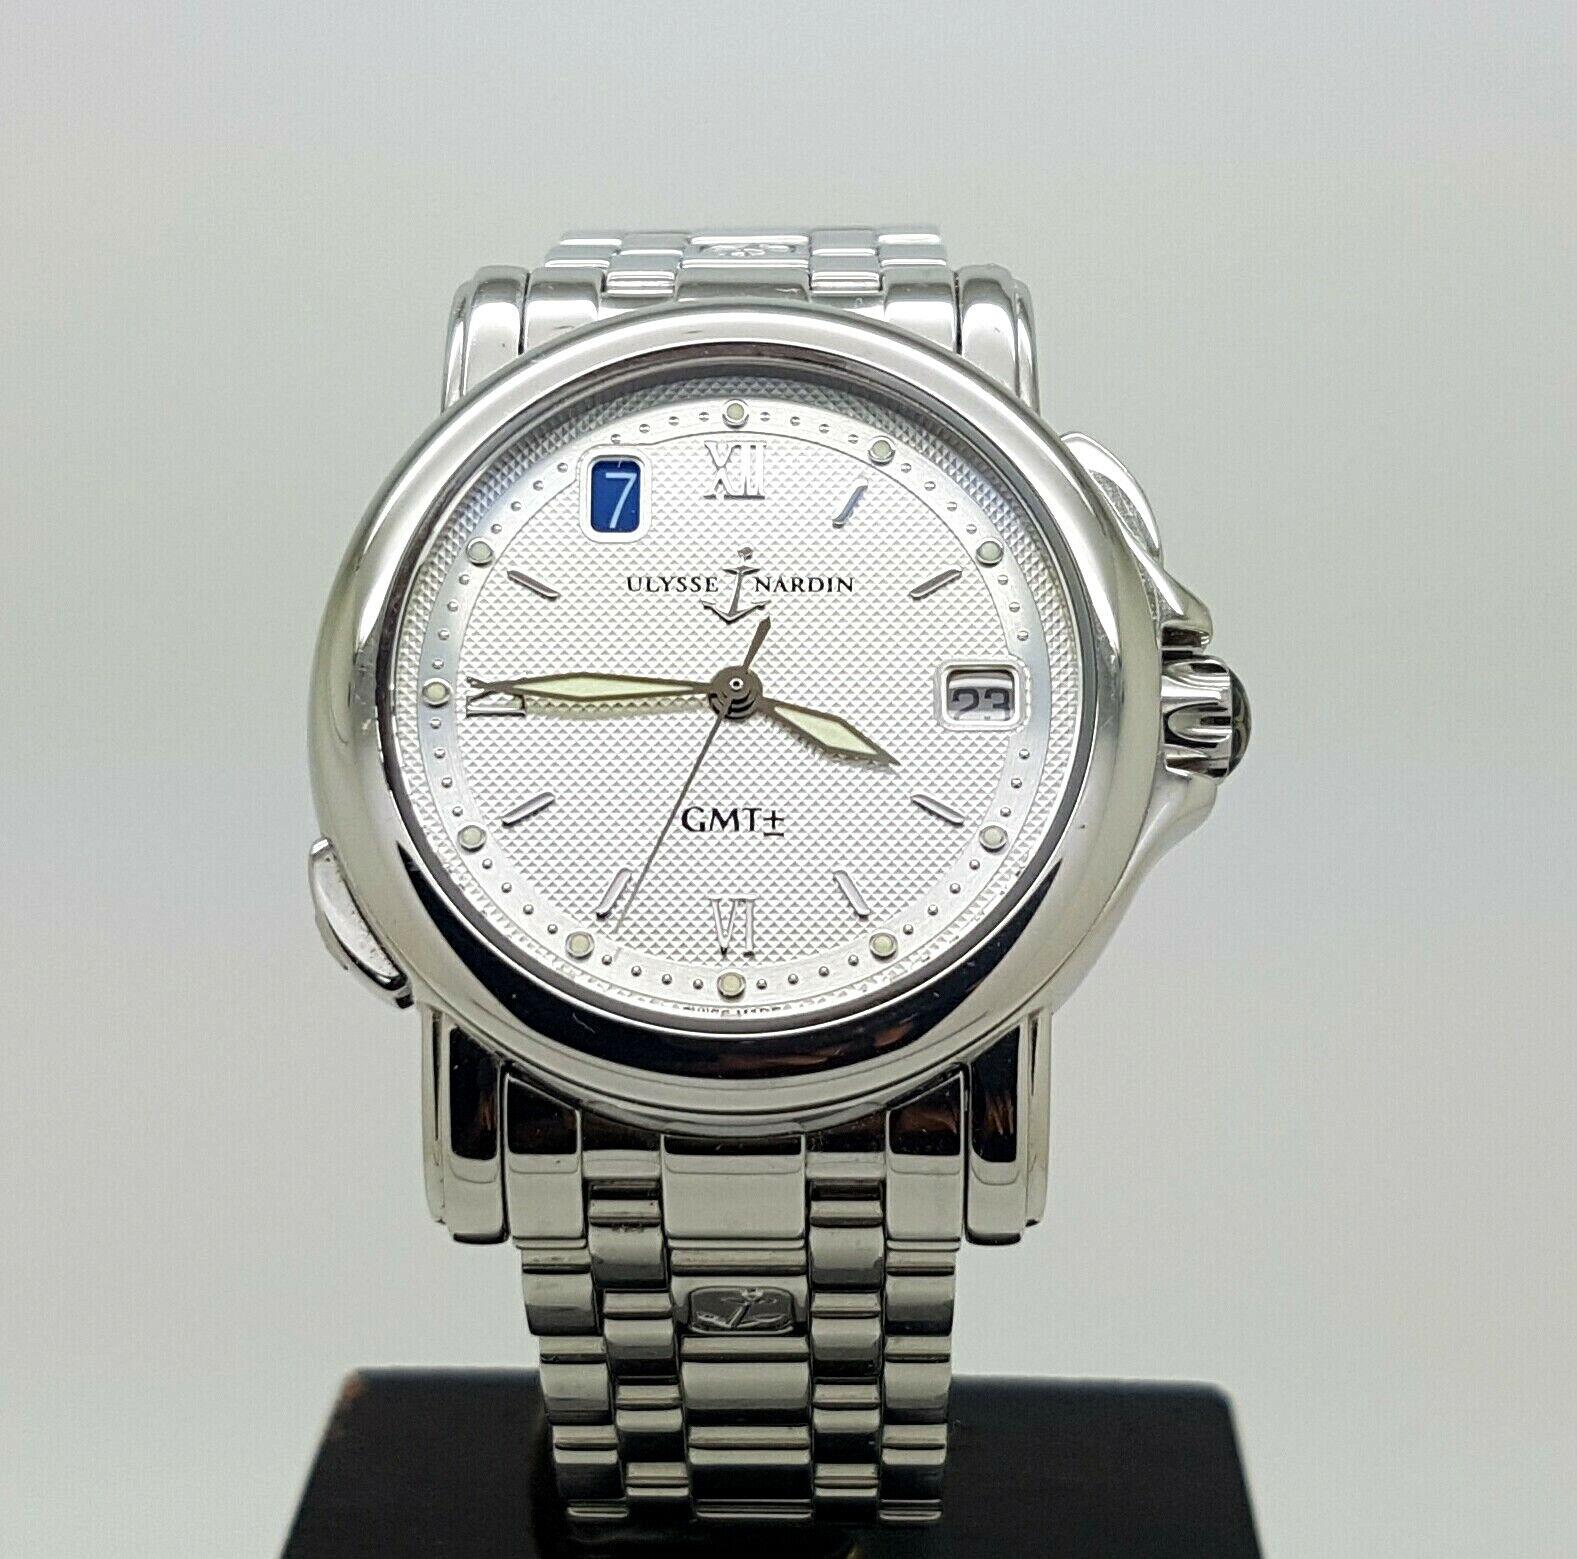 1Fine S.Steel Automatic Ulysse Nardin San Marco GMT Men Watch Ref 203.22 - watch picture 1